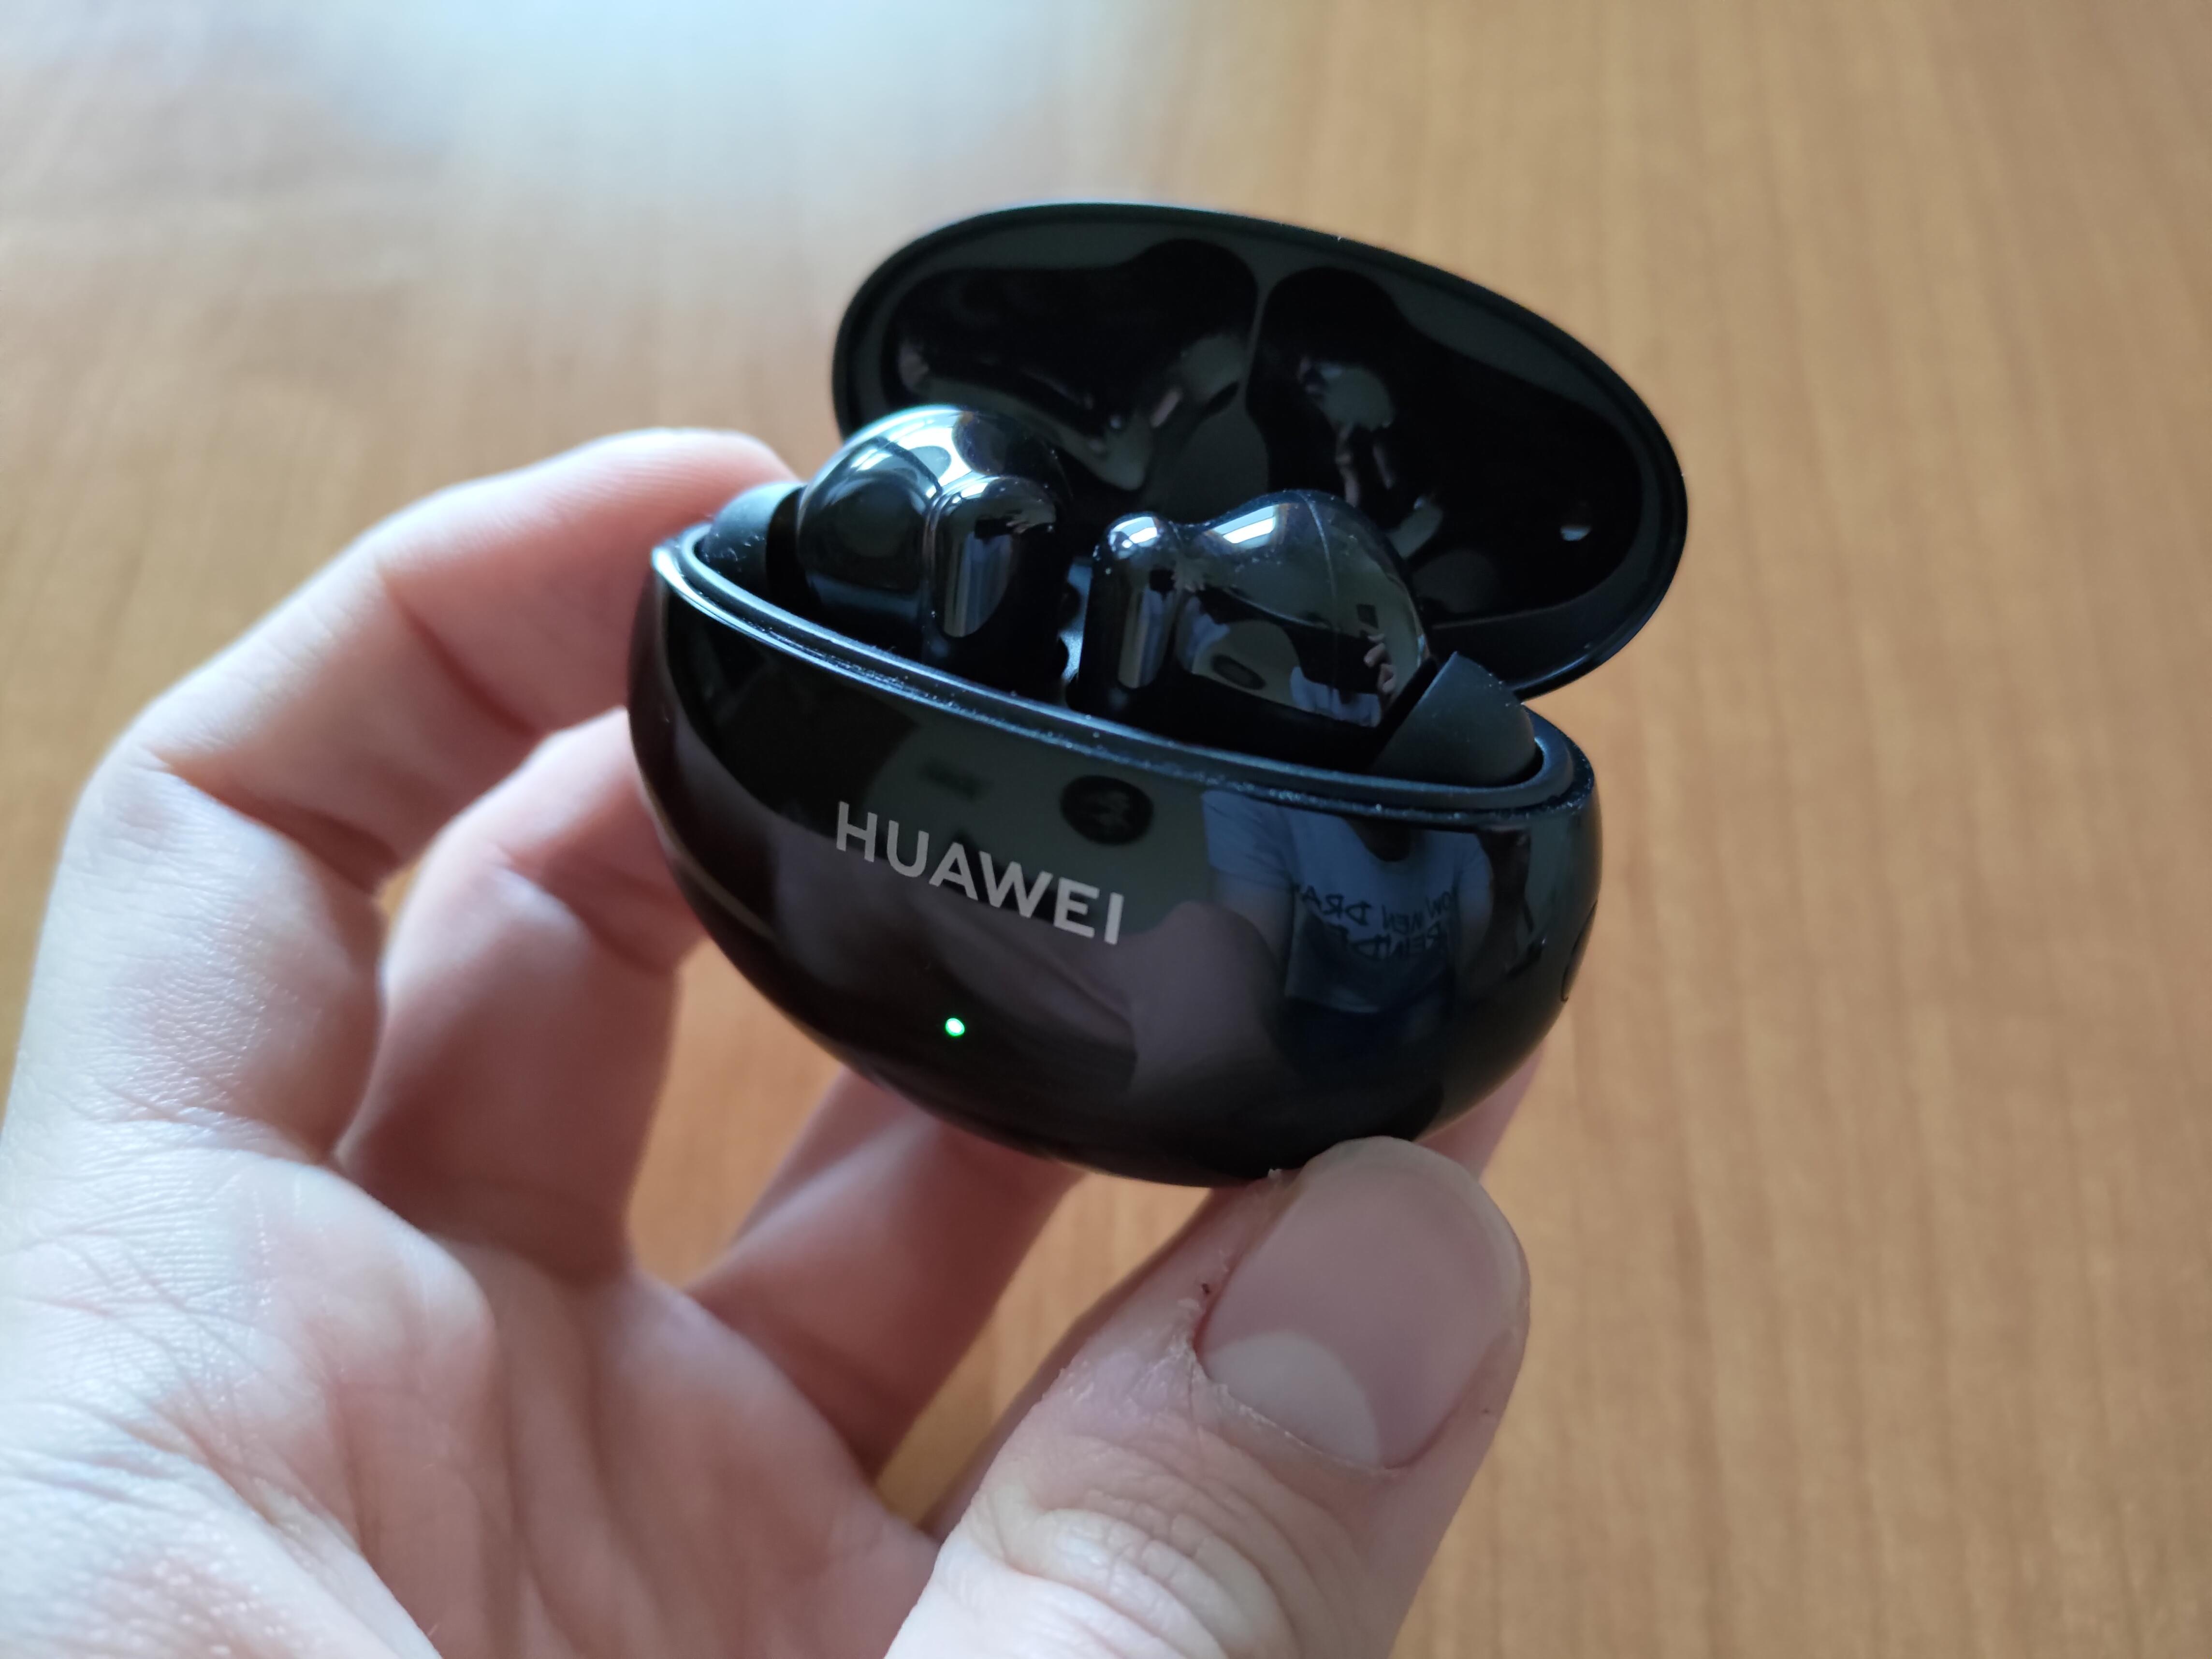 Recenzja Huawei Freebuds 4i - fot. Tabletowo.pl - Słuchawki w etui